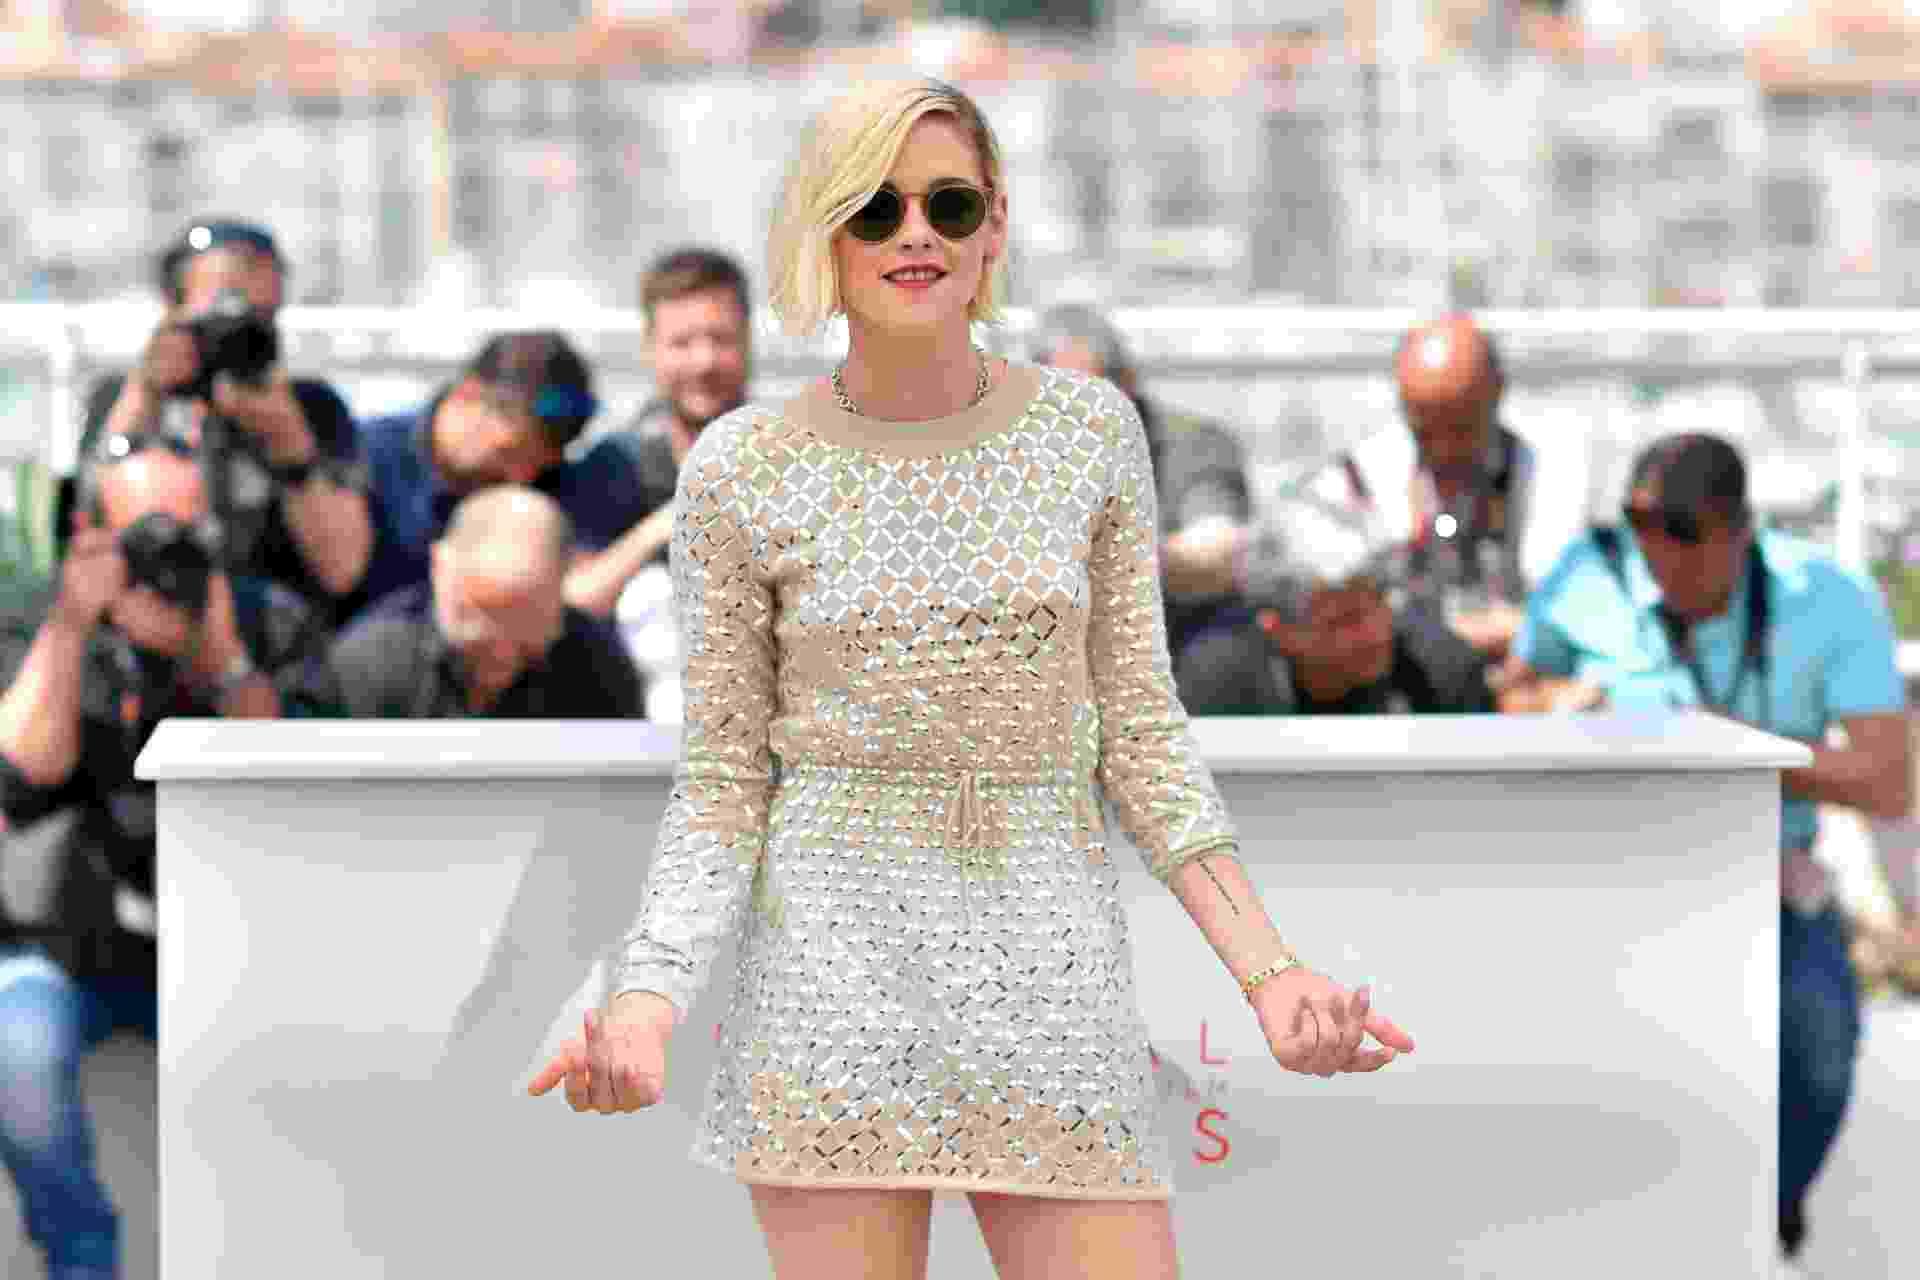 17.mai.2016 - Kristen Stewart mostra o dedo do meio após ser vaiada com novo filme no Festival de Cannes - REUTERS/Yves Herman